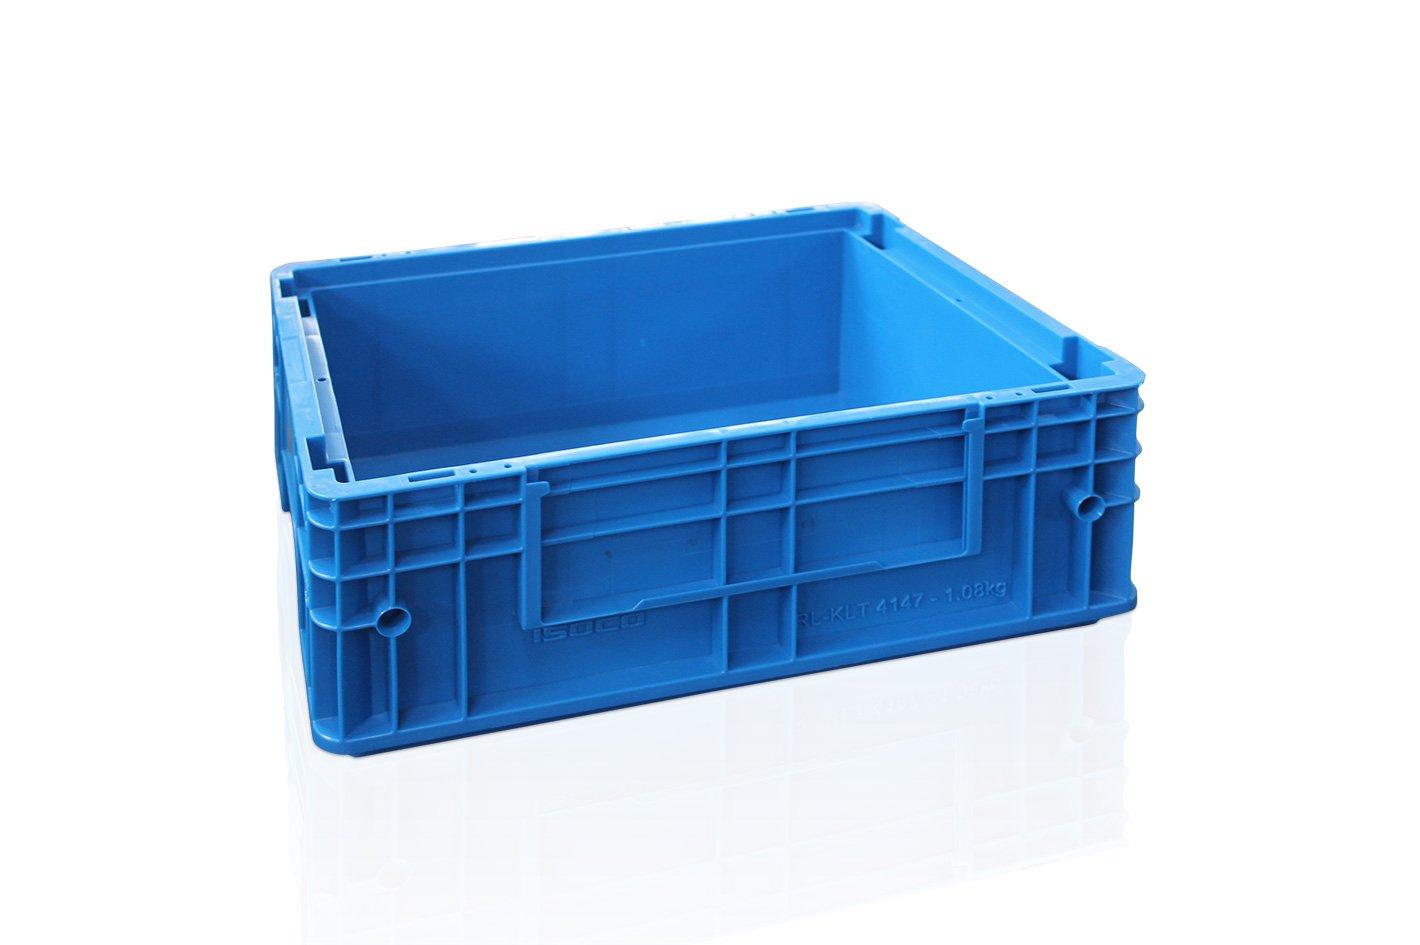 ISOCO Behä lter RL-KLT 4147 blau, 1 Stü ck